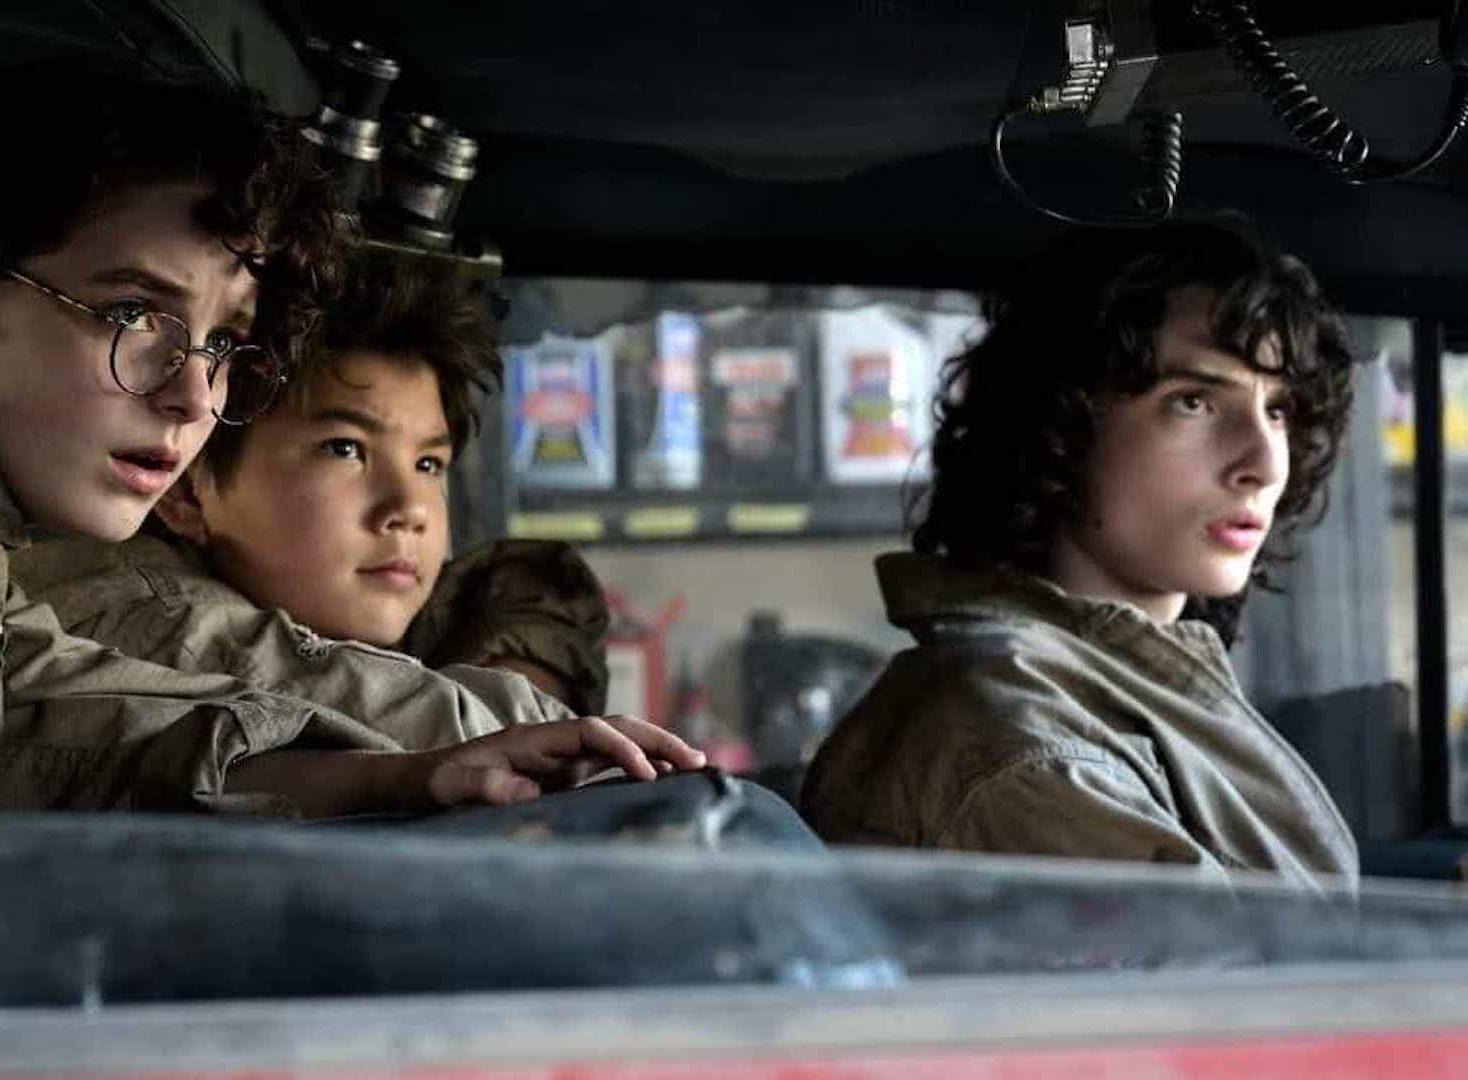 bL5ddQ7EVwdAjsaTjYjyuY e1627397089716 Watch: Original Ghostbusters Appear In New Ghostbusters: Afterlife Trailer